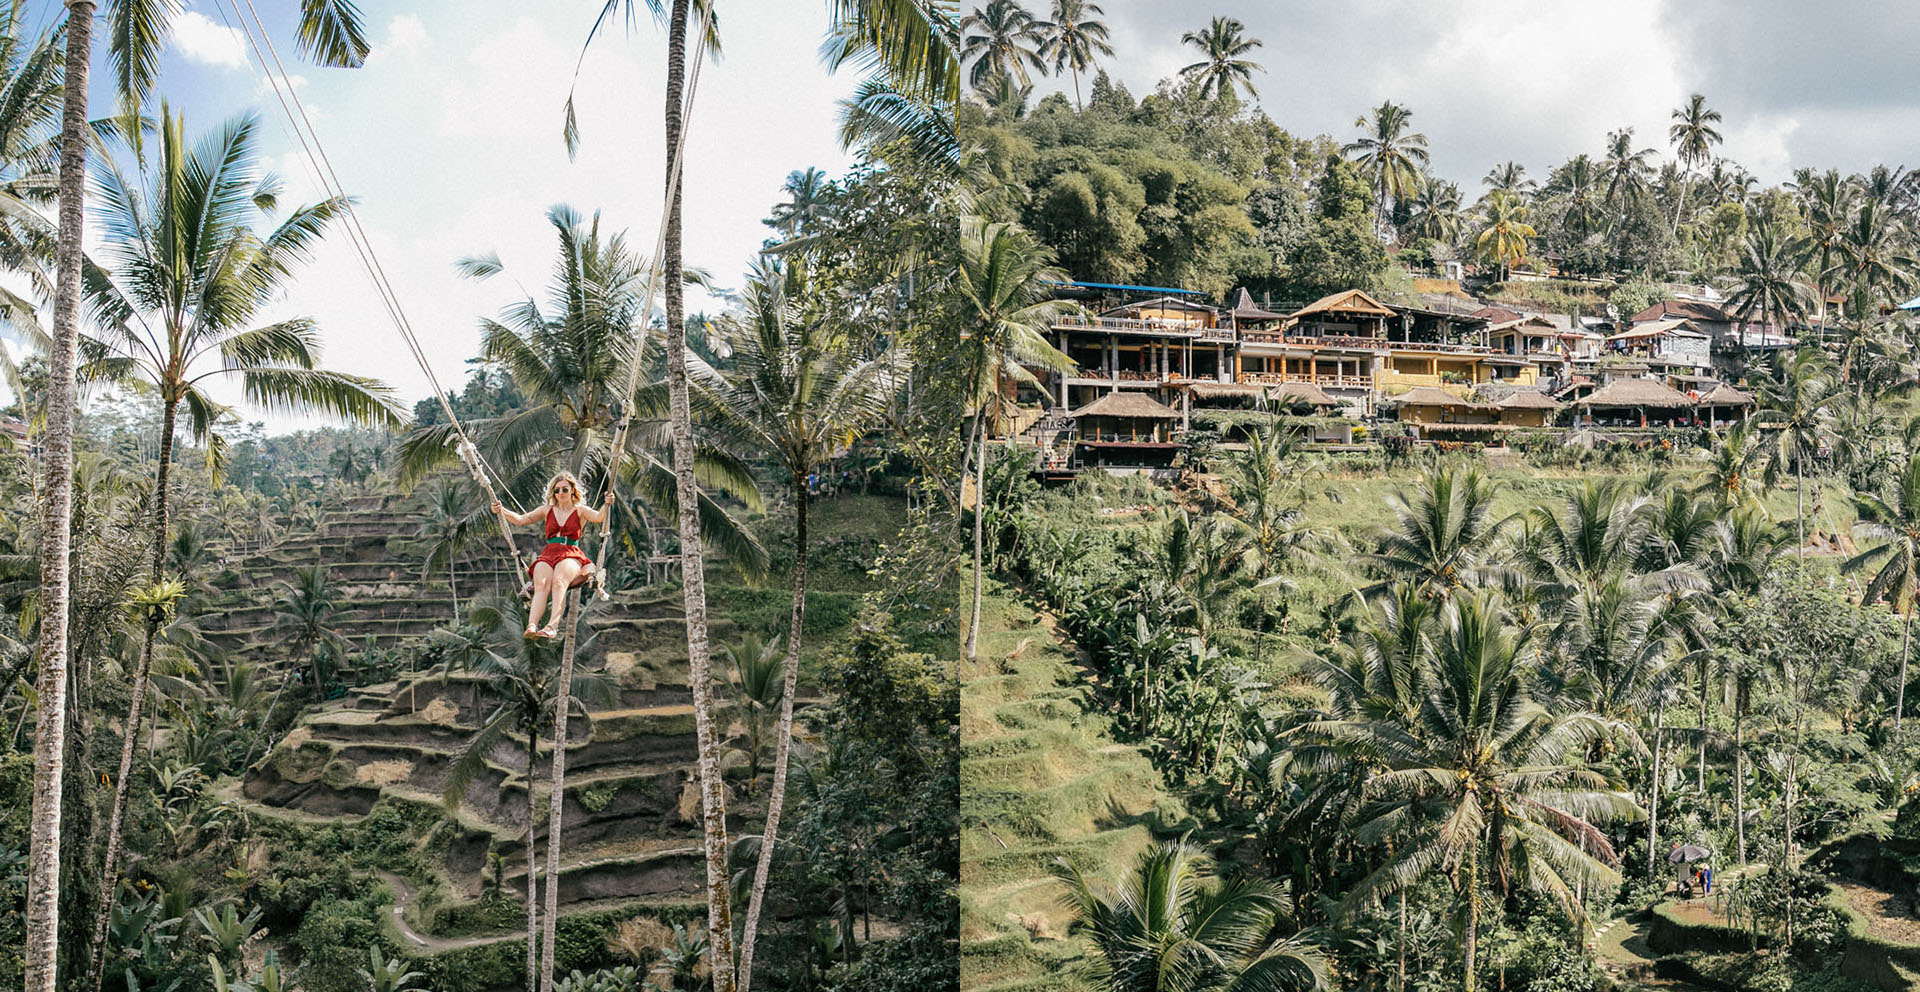 palmiers - Voyage à Bali : Itinéraire, activités et hôtels